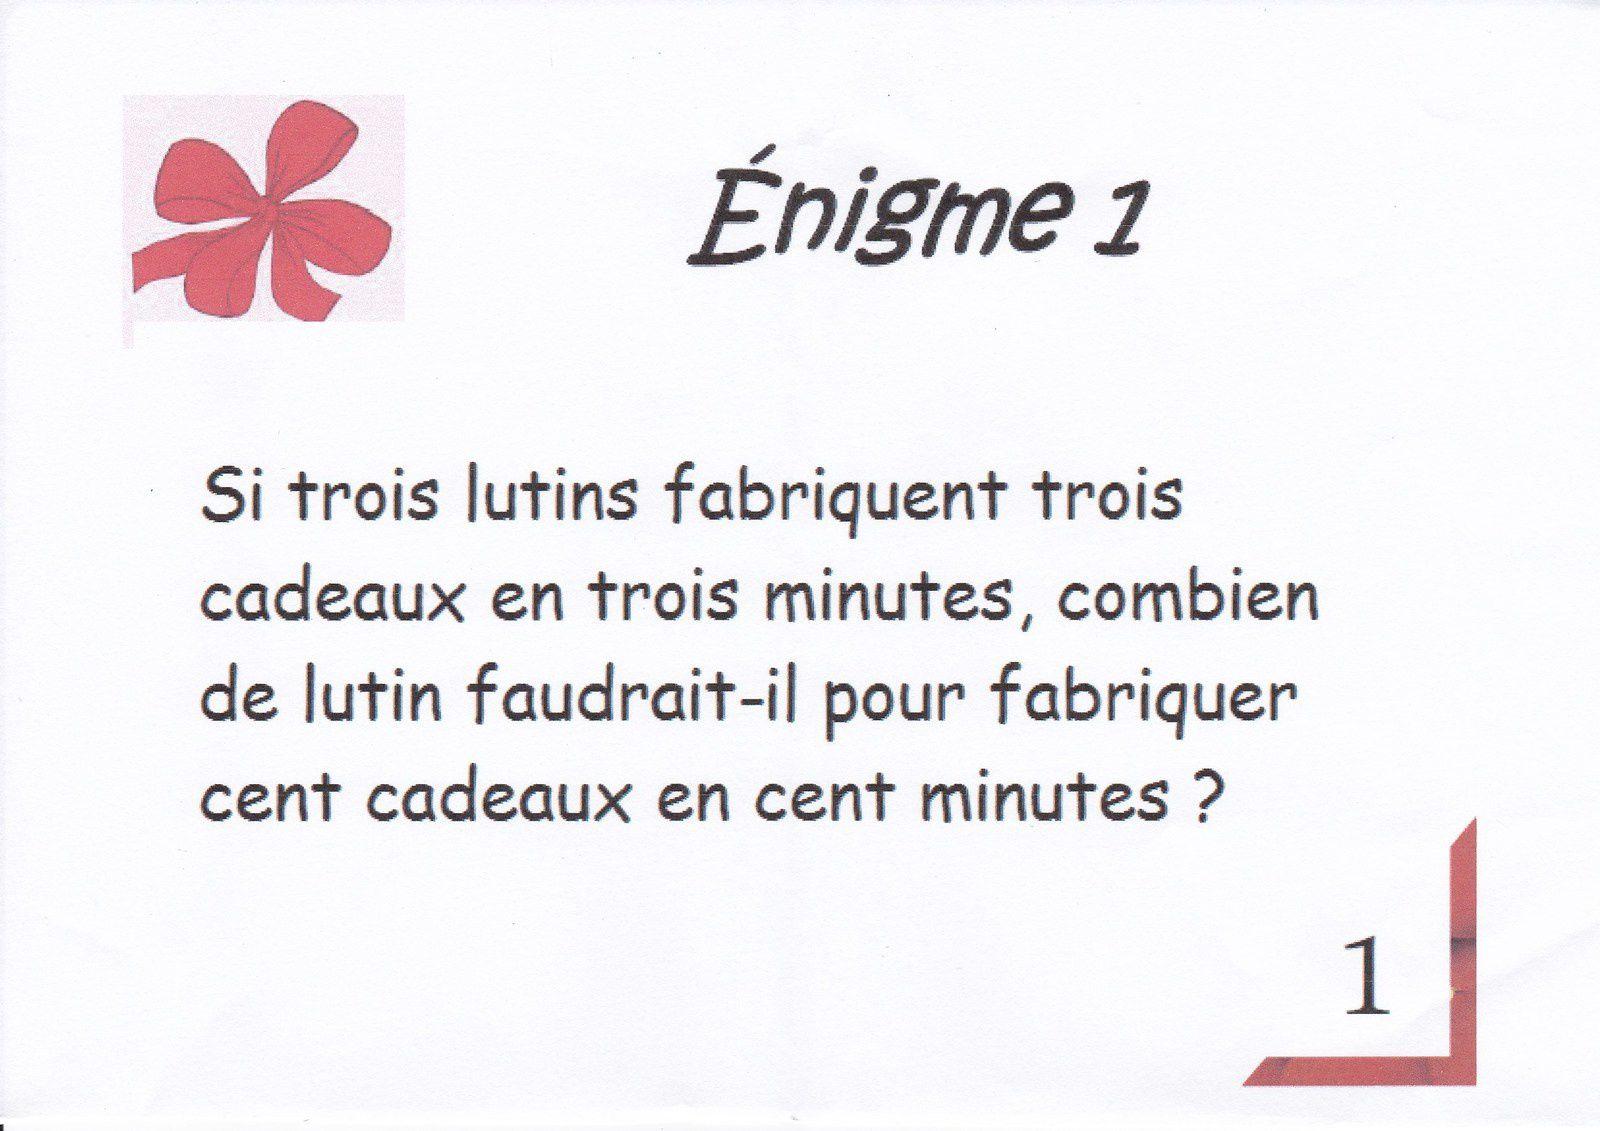 Enigme 1